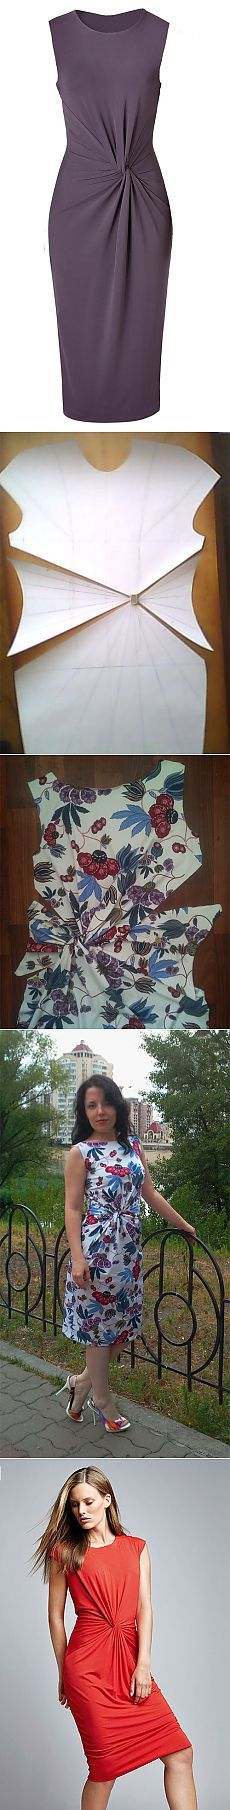 Repeat dress Michael Kors (Diy) / Simple patterns /